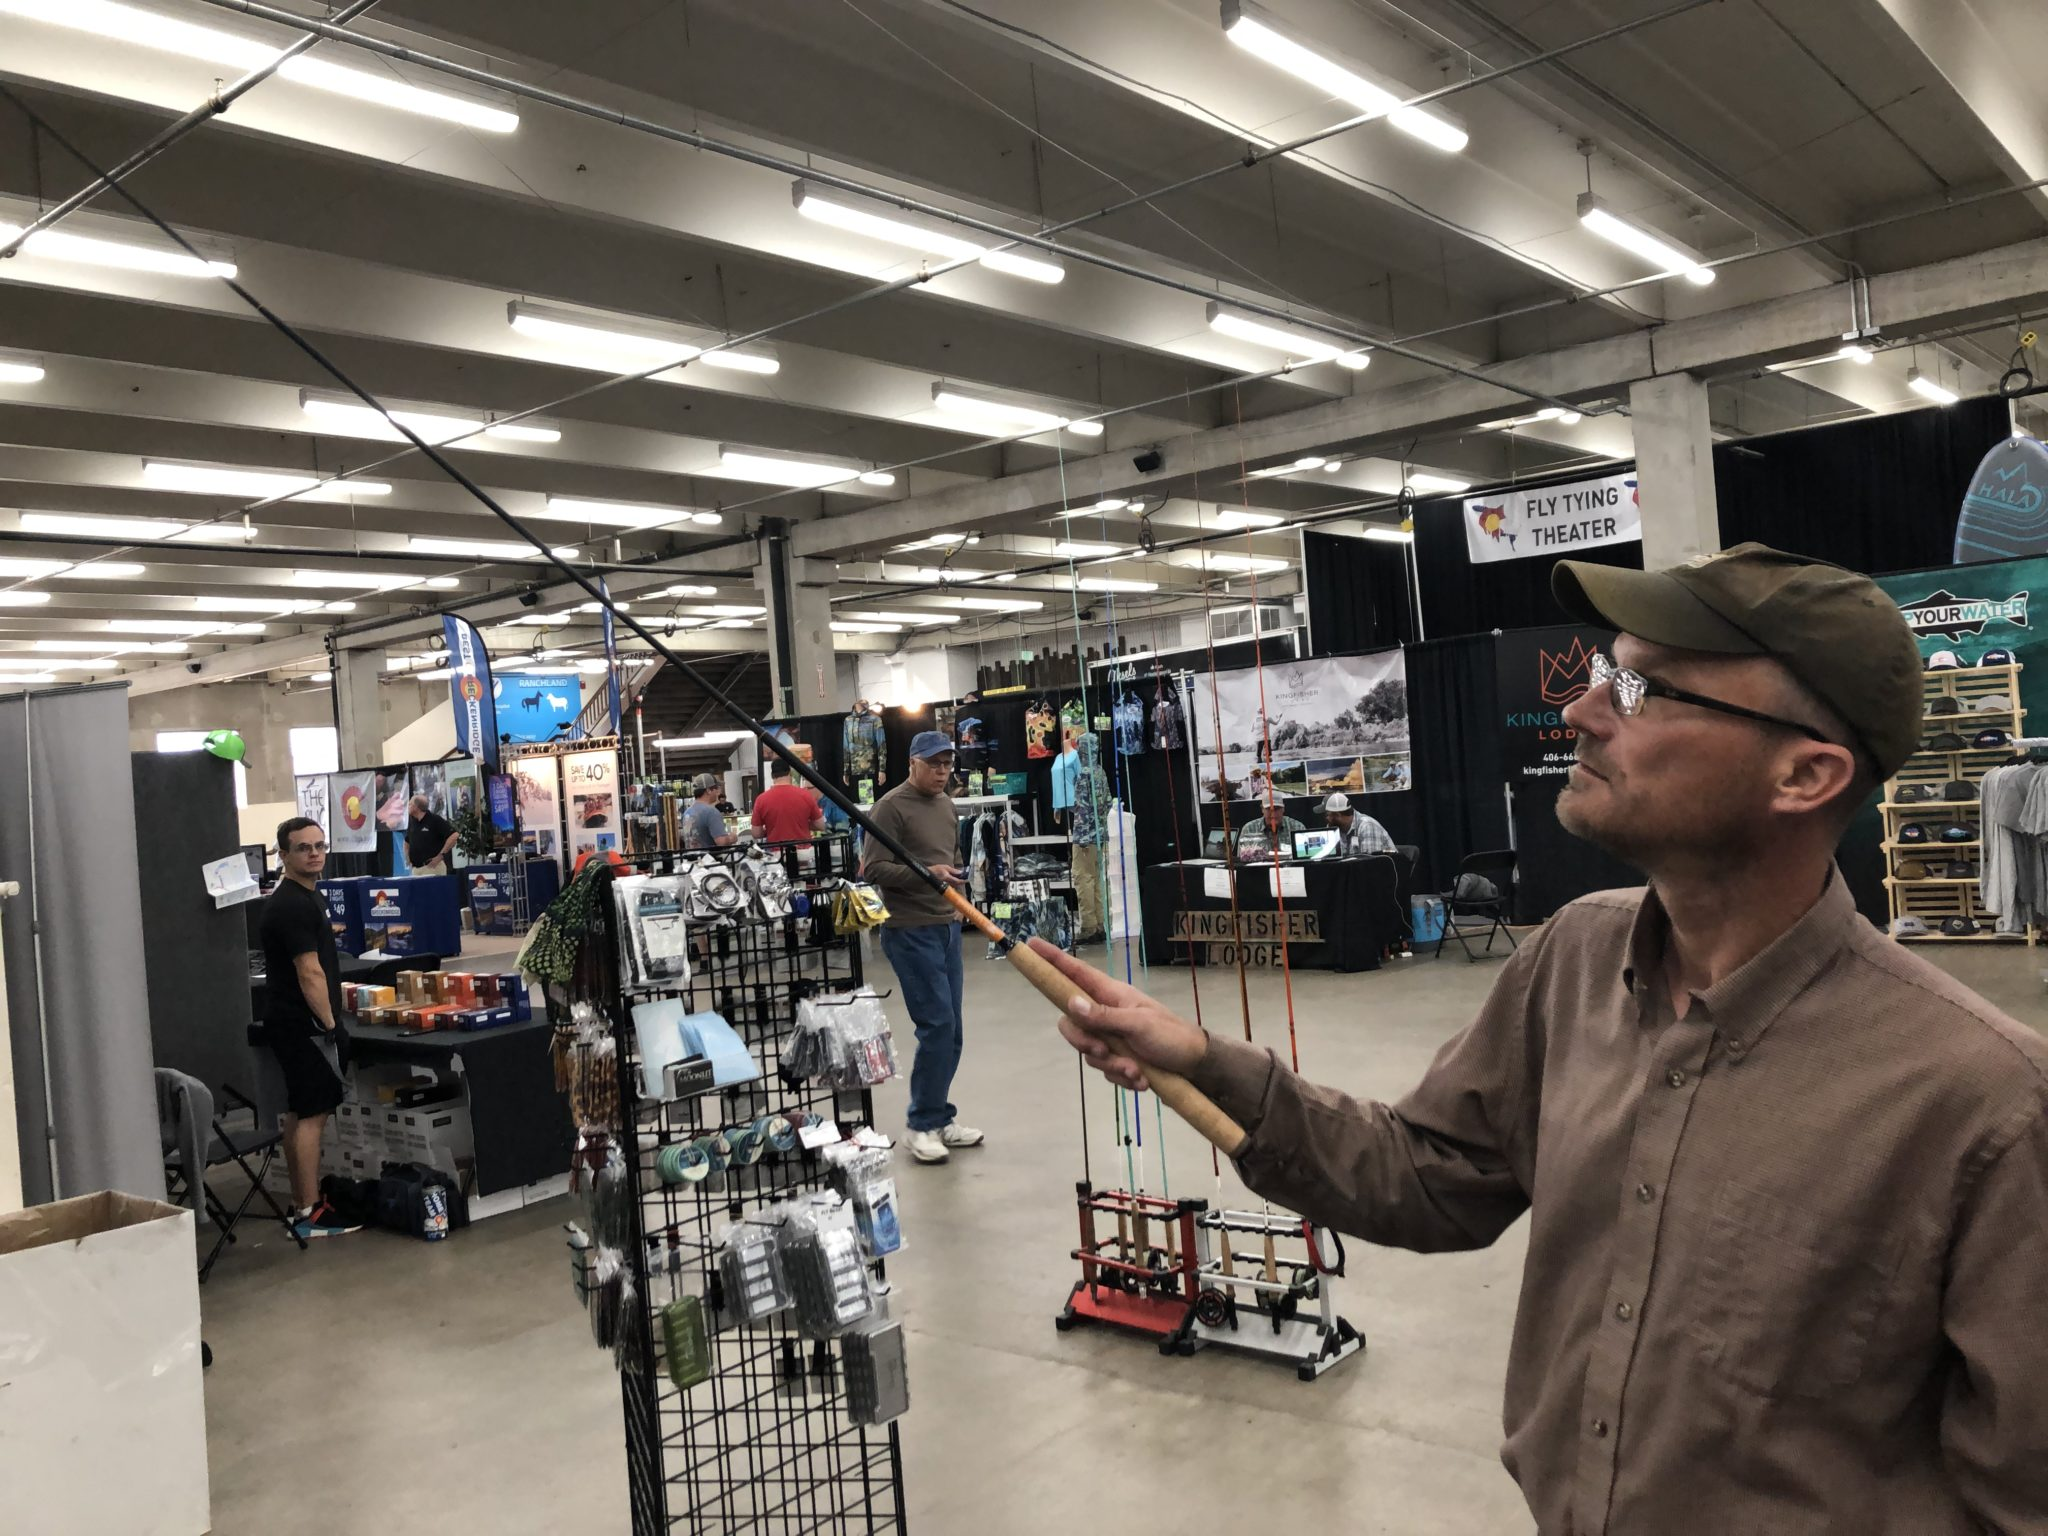 Denver Fly Fishing Rendezvous